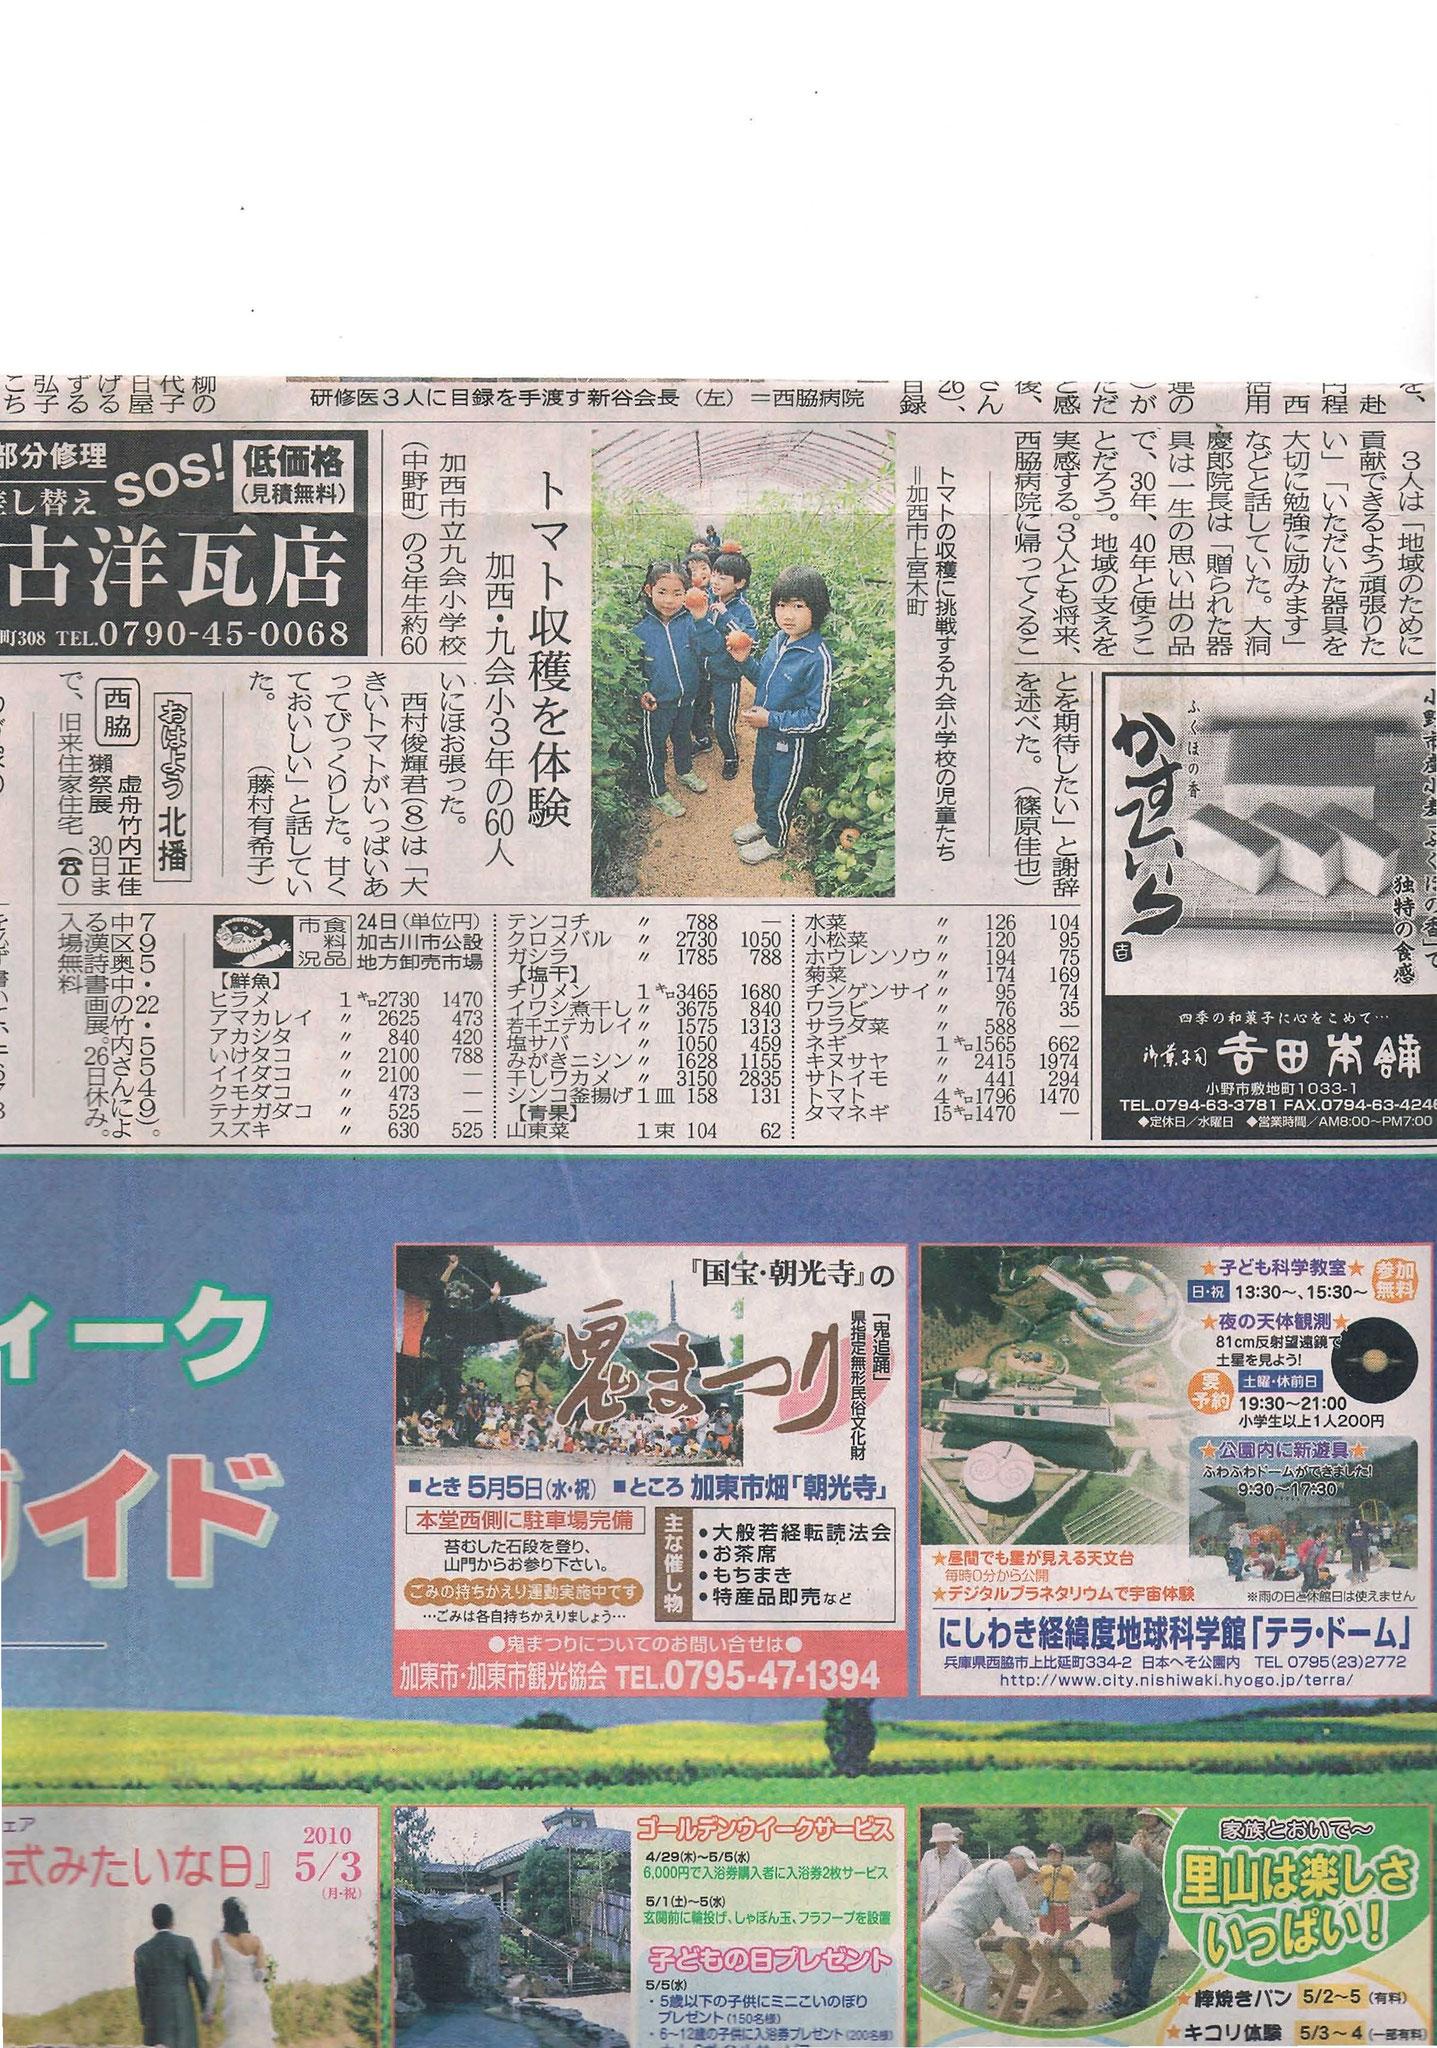 2010年04月25日 神戸新聞